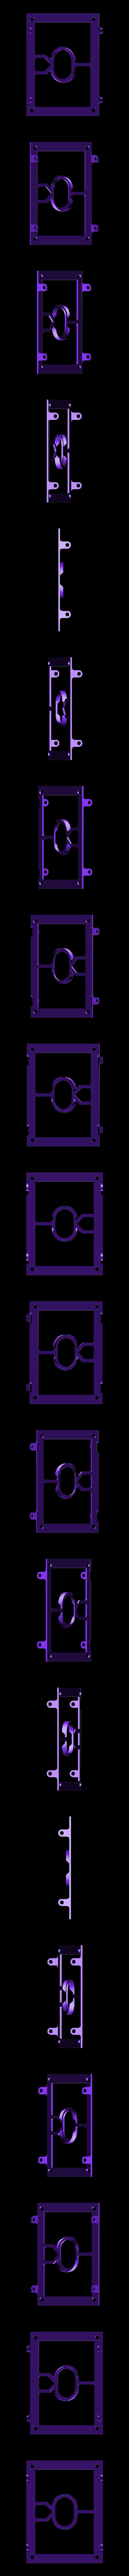 pcb-plate.stl Download free STL file Guitar Tuner PyPortal • 3D printing object, Adafruit